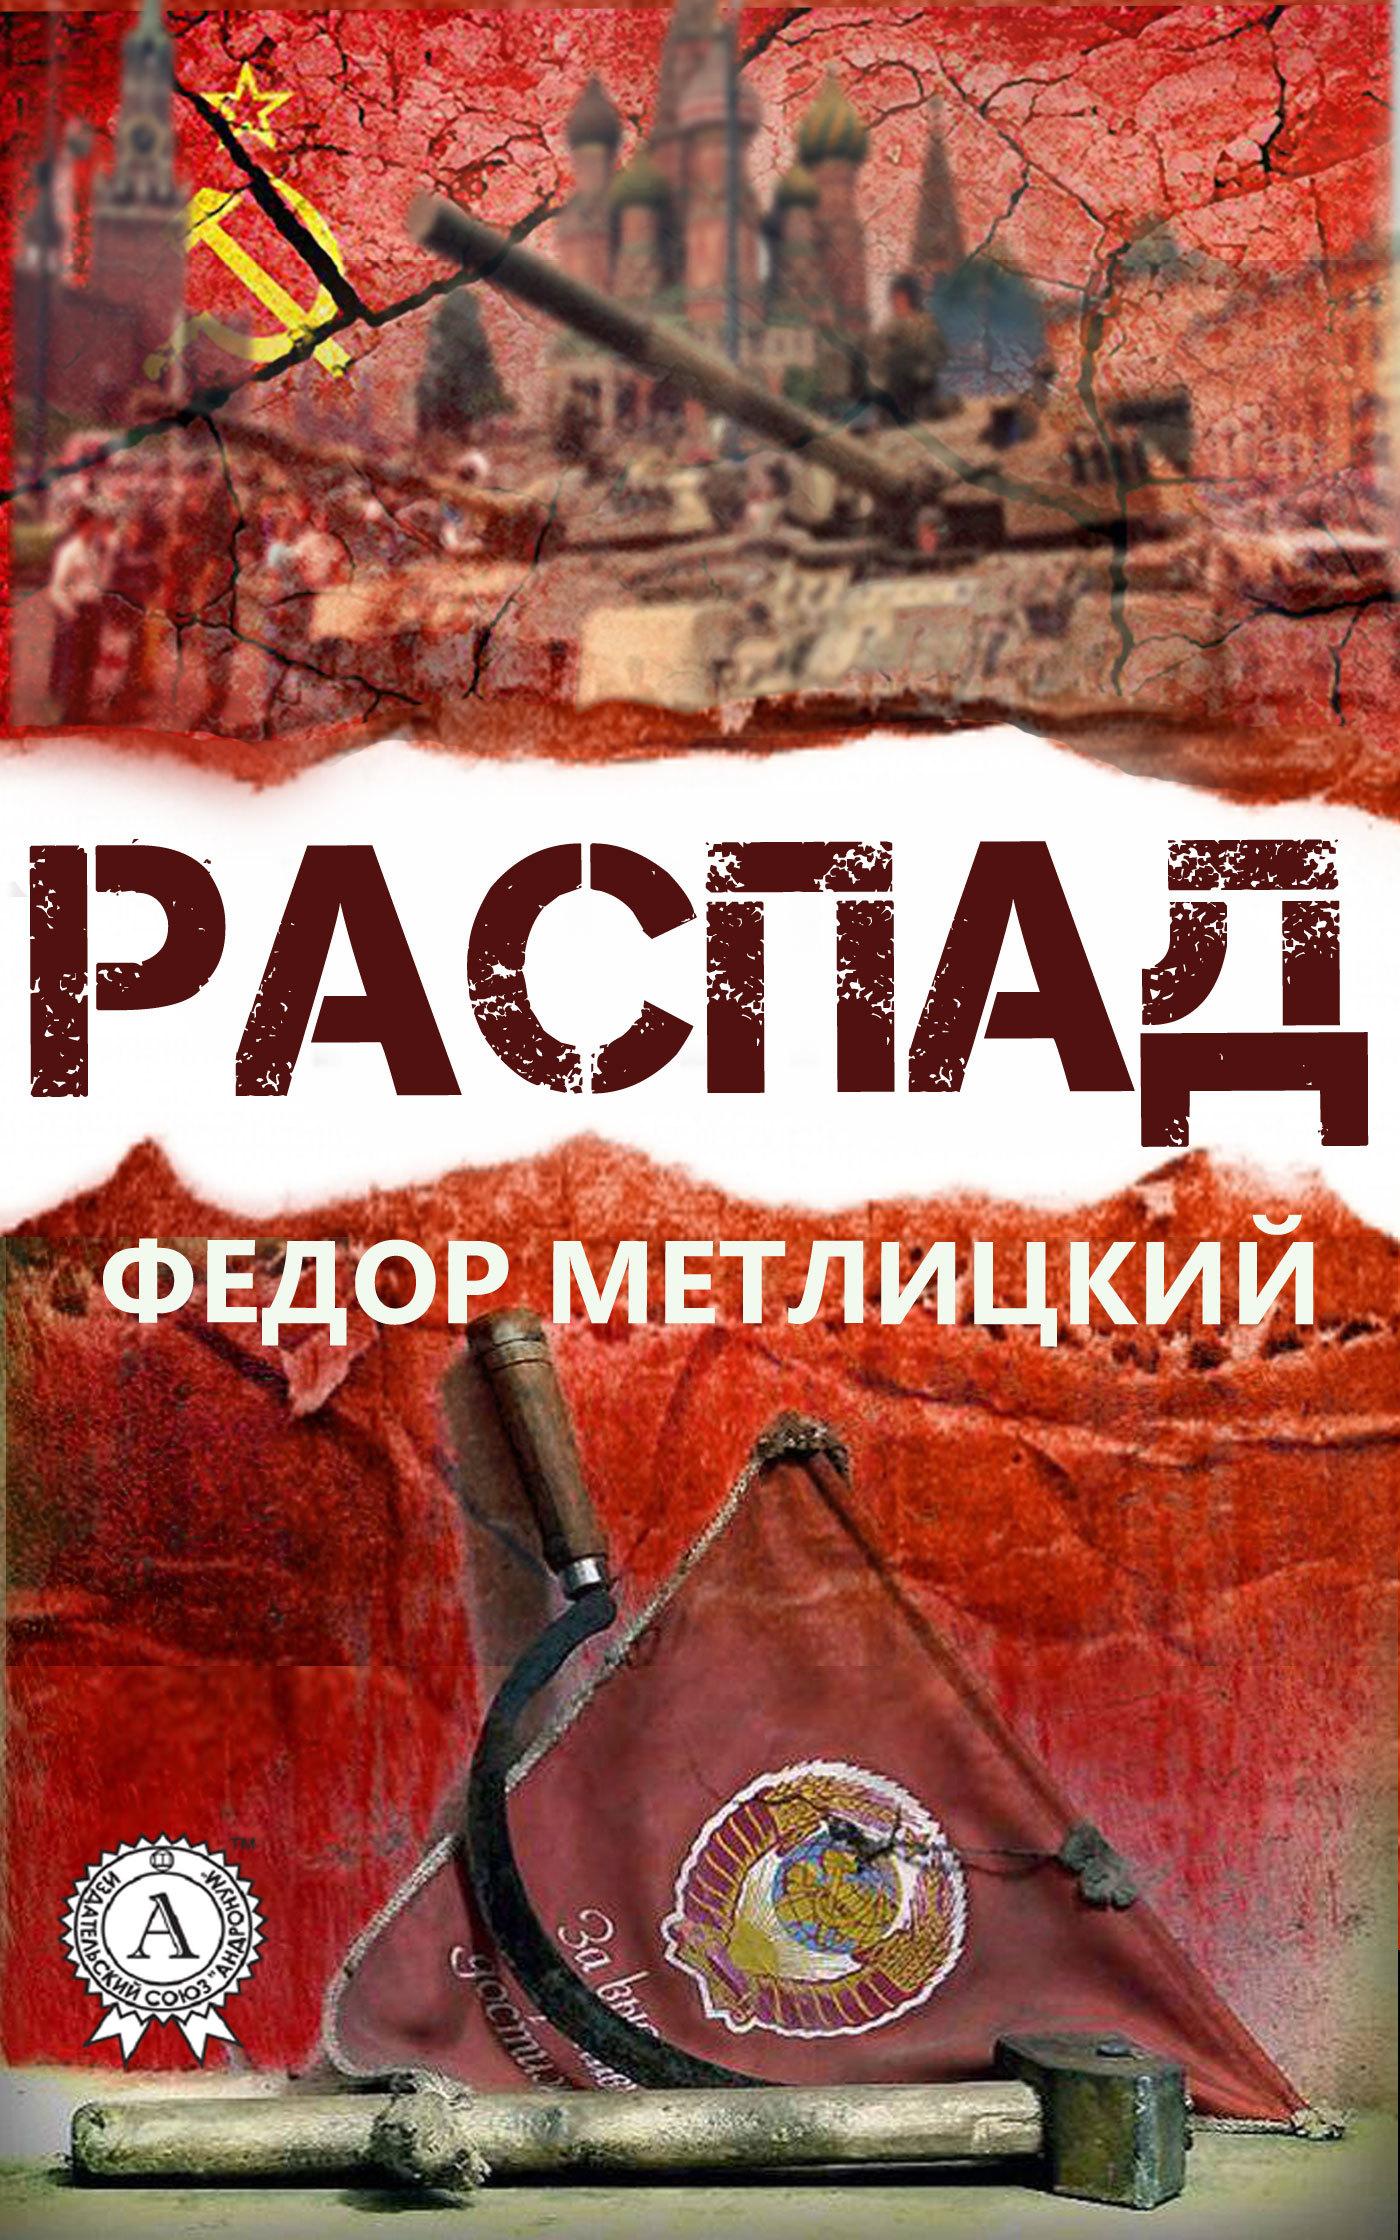 Федор Метлицкий бесплатно